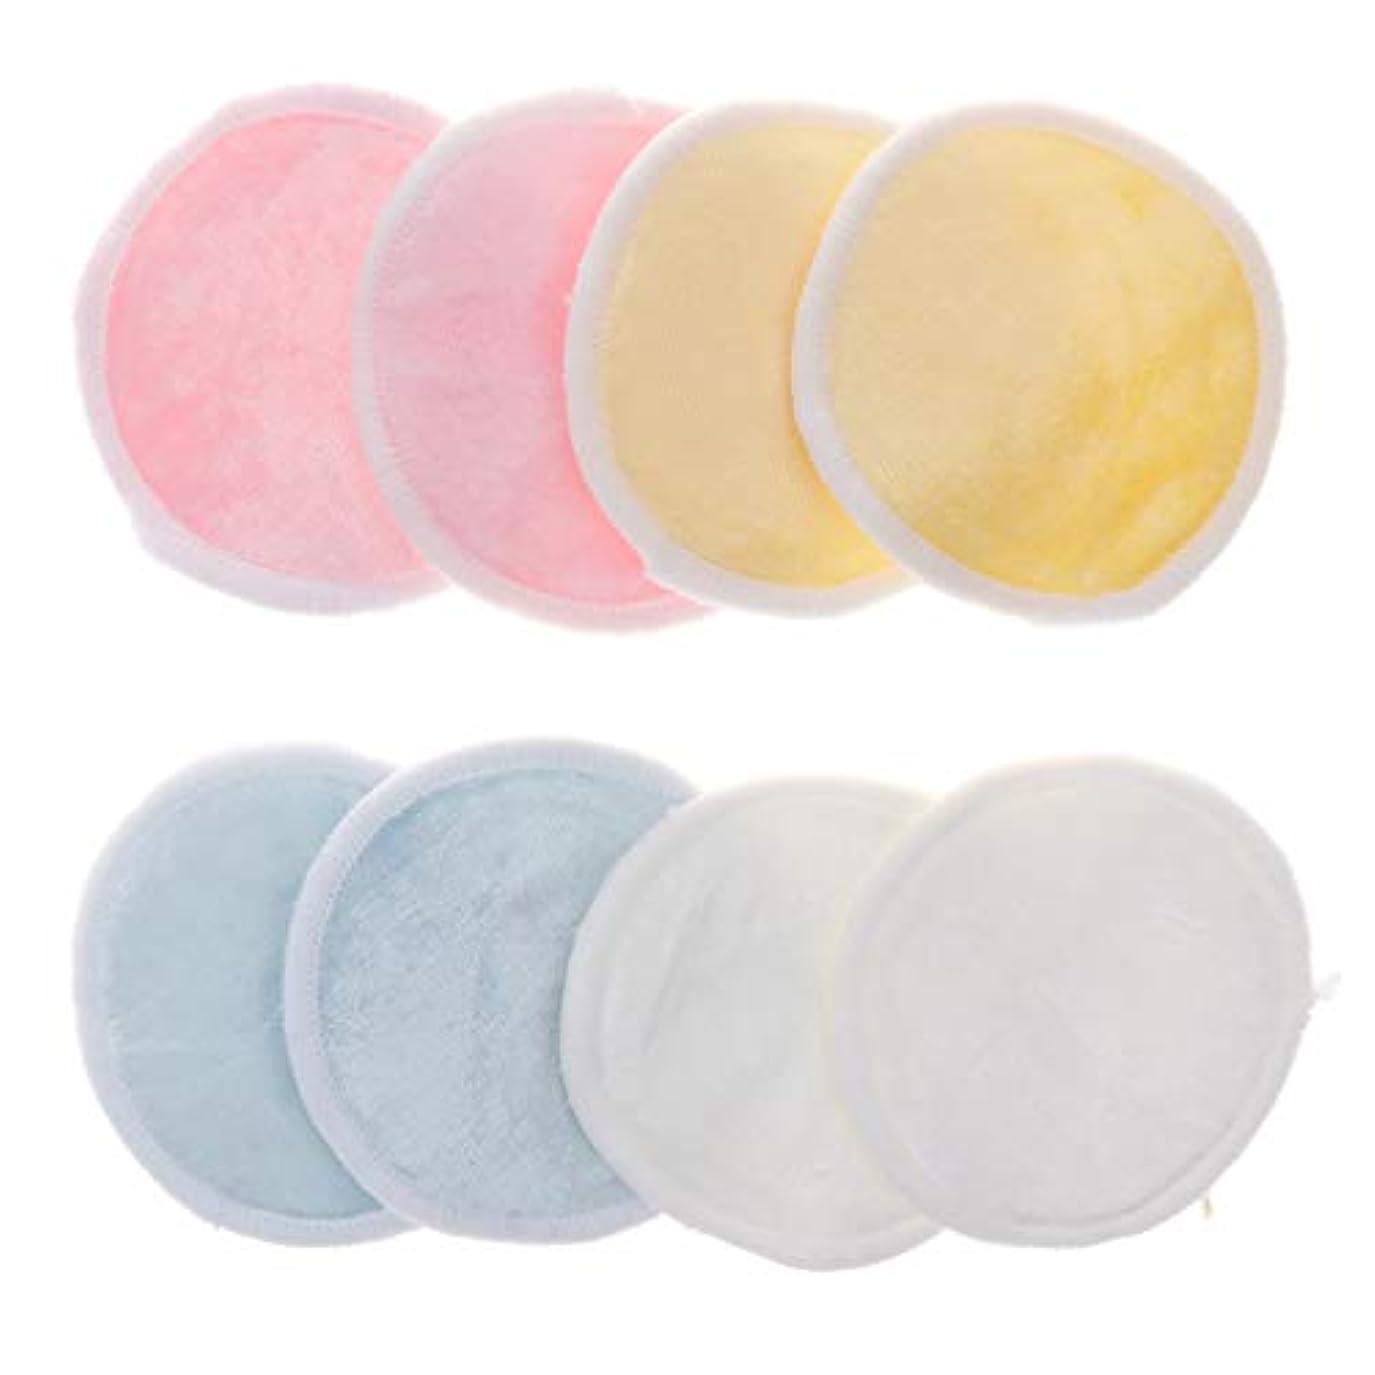 モザイク住人実験室クレンジングシート 化粧コットン パッド メイク落としコットン 再使用可能 軽量 トラベル 8個入